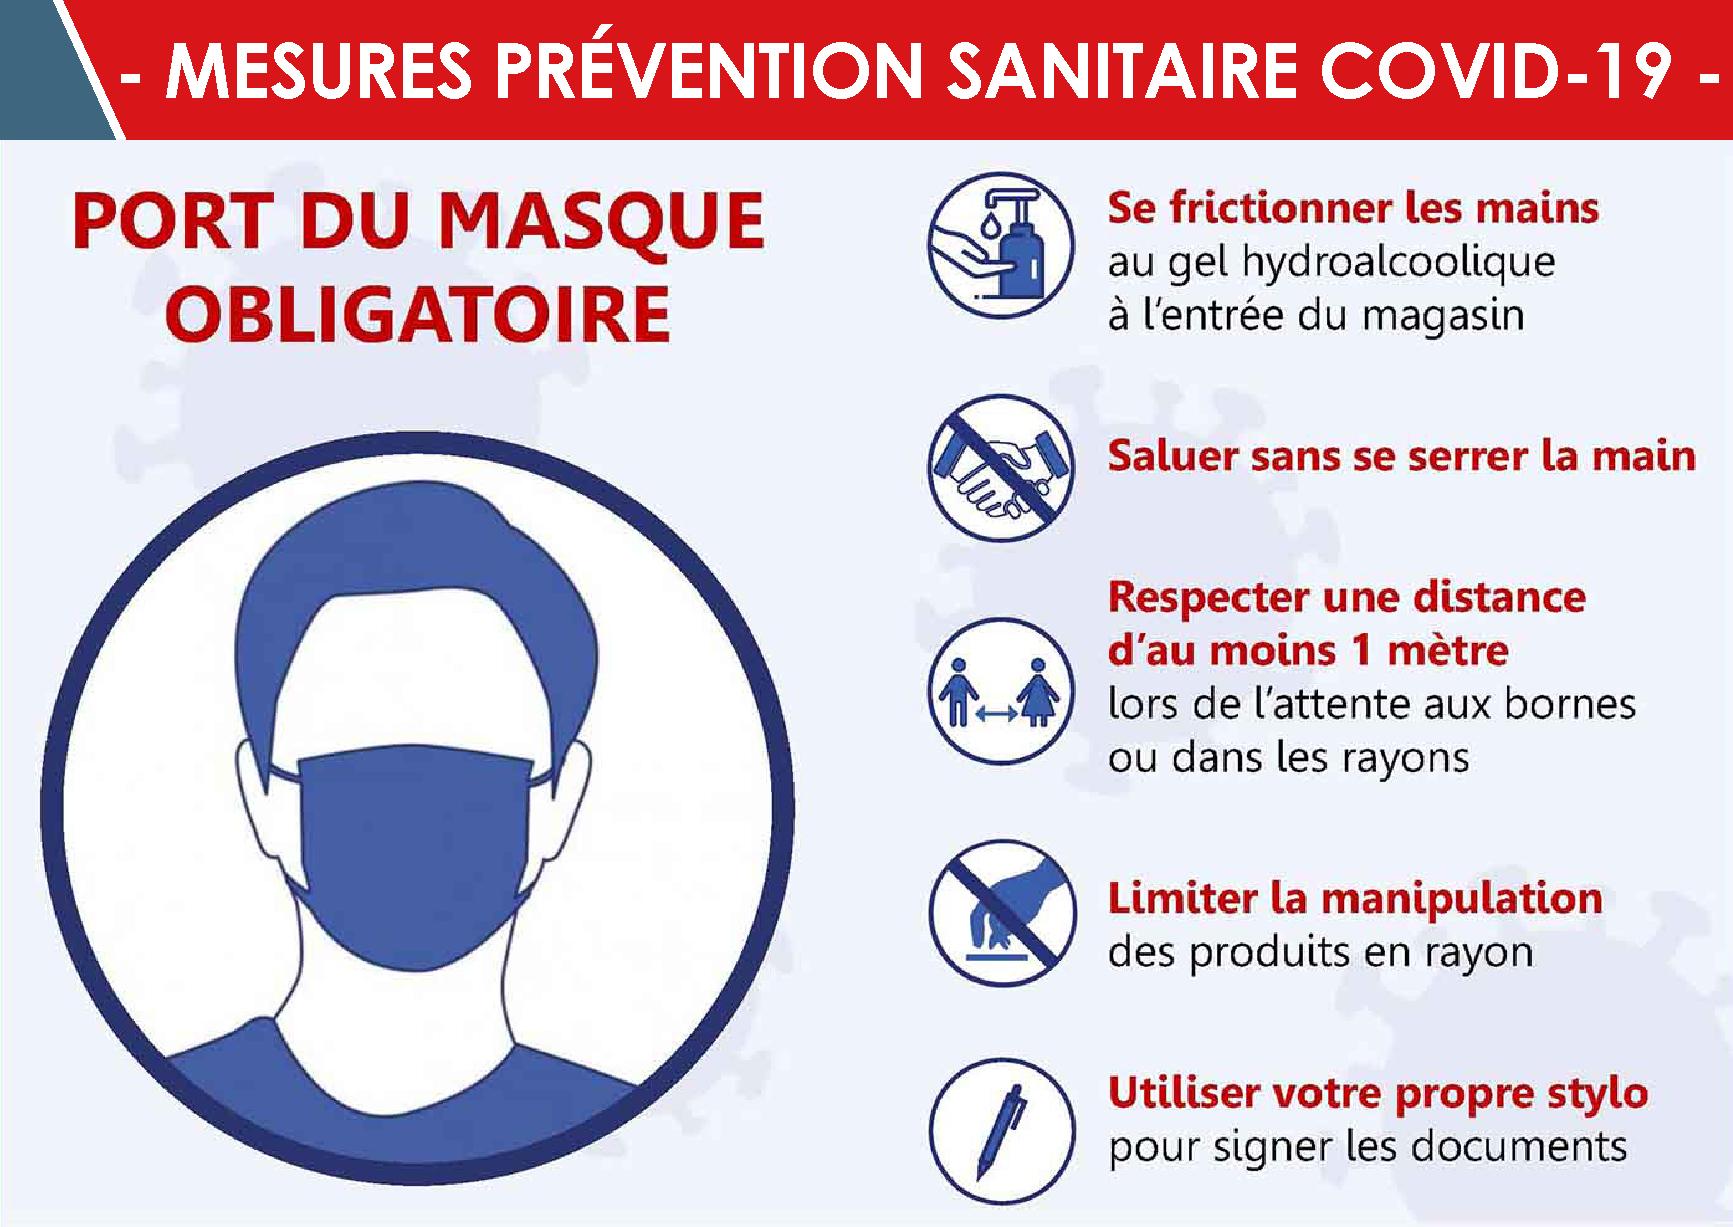 COVID-19 : Nouvelles mesures sanitaires à respecter